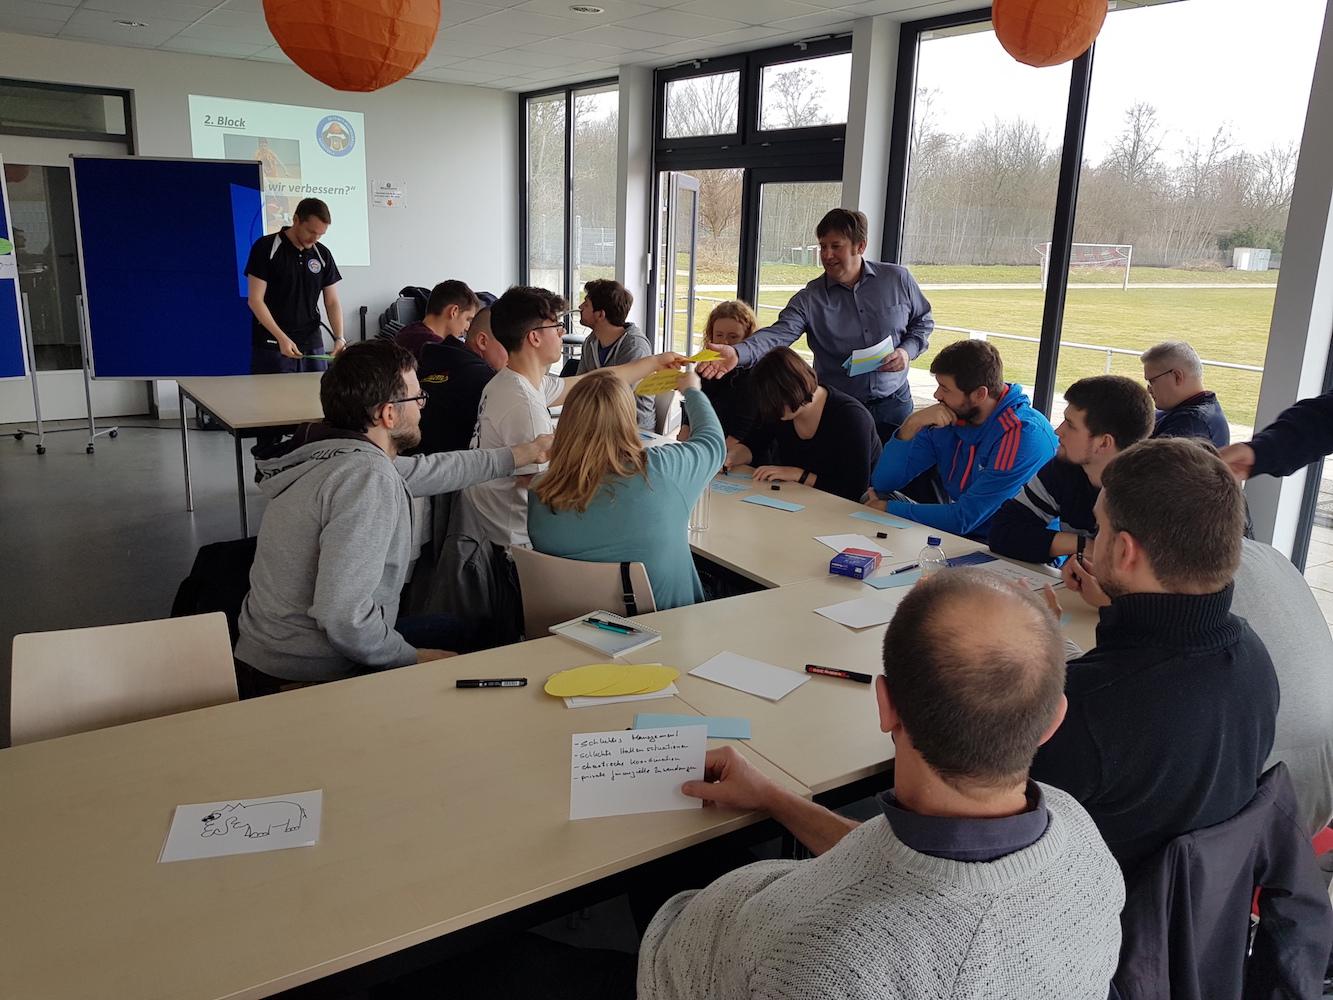 Zukunftsworkshop macht den Auftakt zu mehr Ehrenamt bei der SG